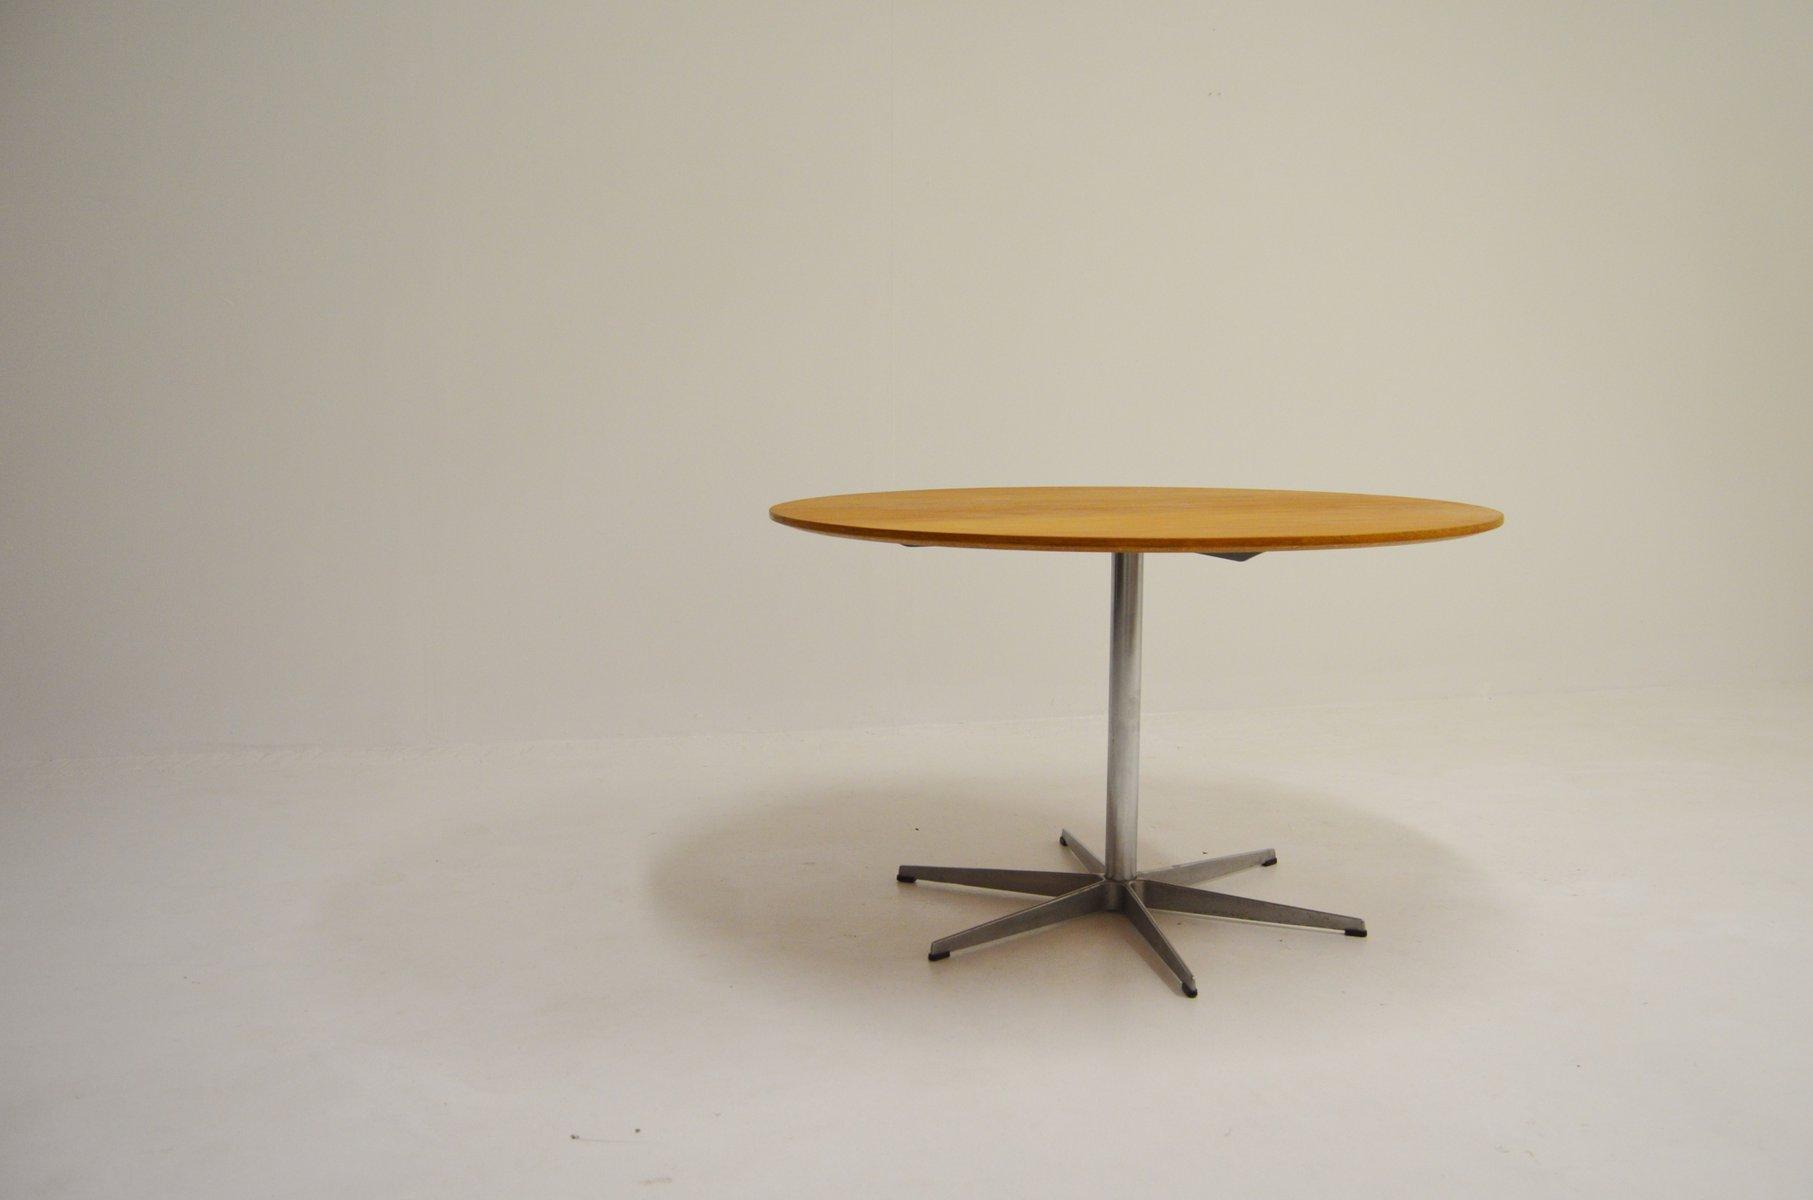 runder modell a825 eichenholz tisch von arne jacobsen piet hein und bruno mathsson f r fritz. Black Bedroom Furniture Sets. Home Design Ideas